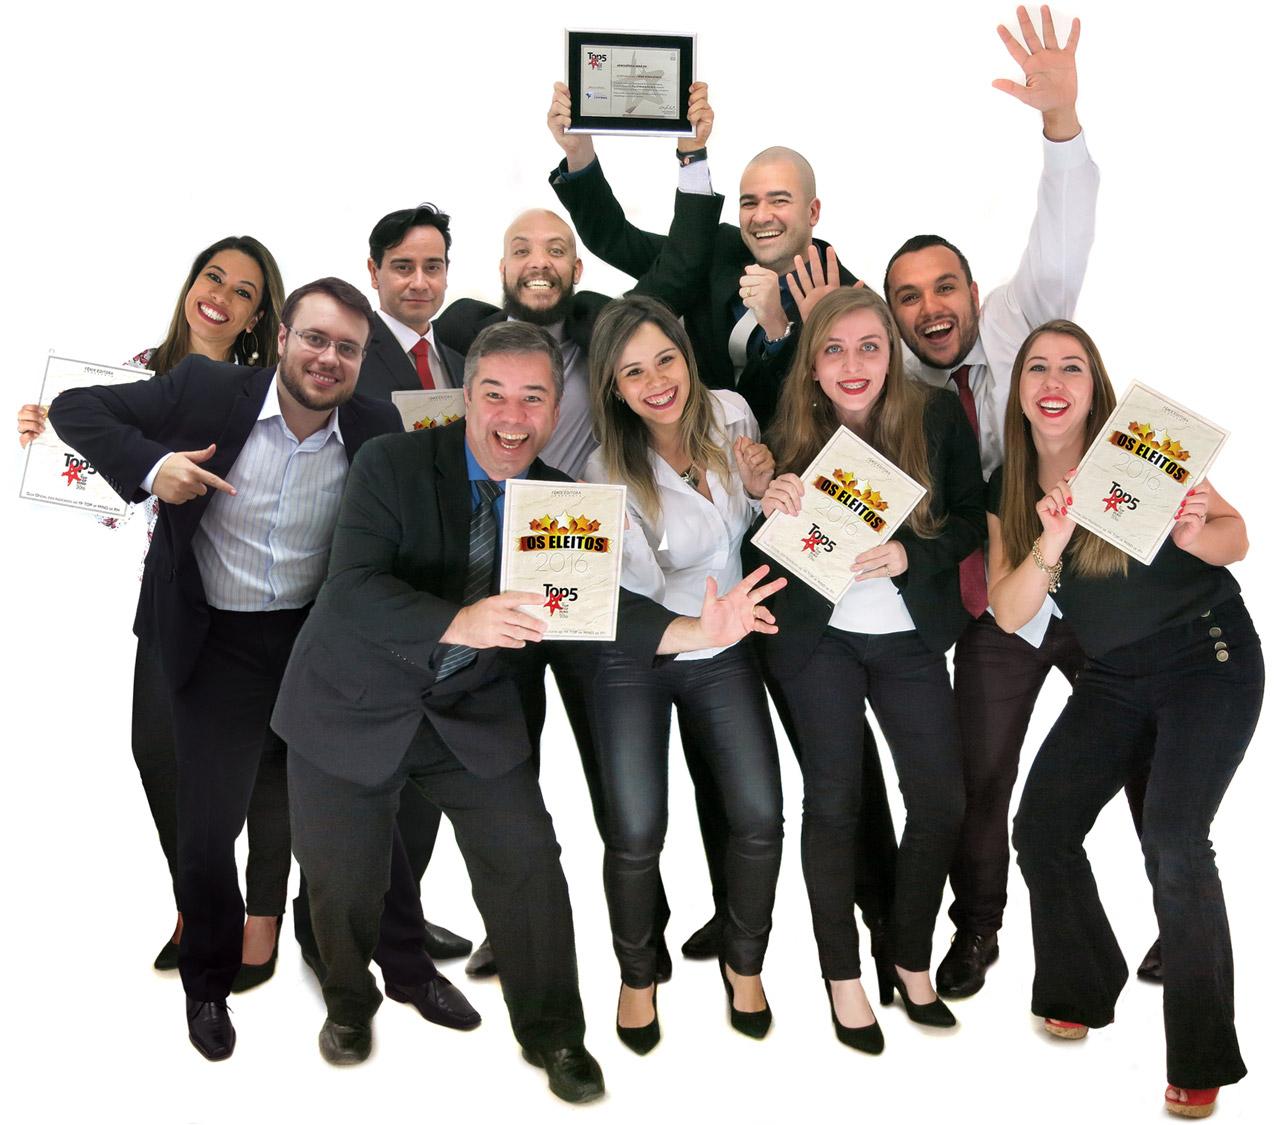 """Equipe de Gestão & Estratégia da Leme Consultoria, indicada ao Top5 na categoria """"Consultoria para RH"""""""